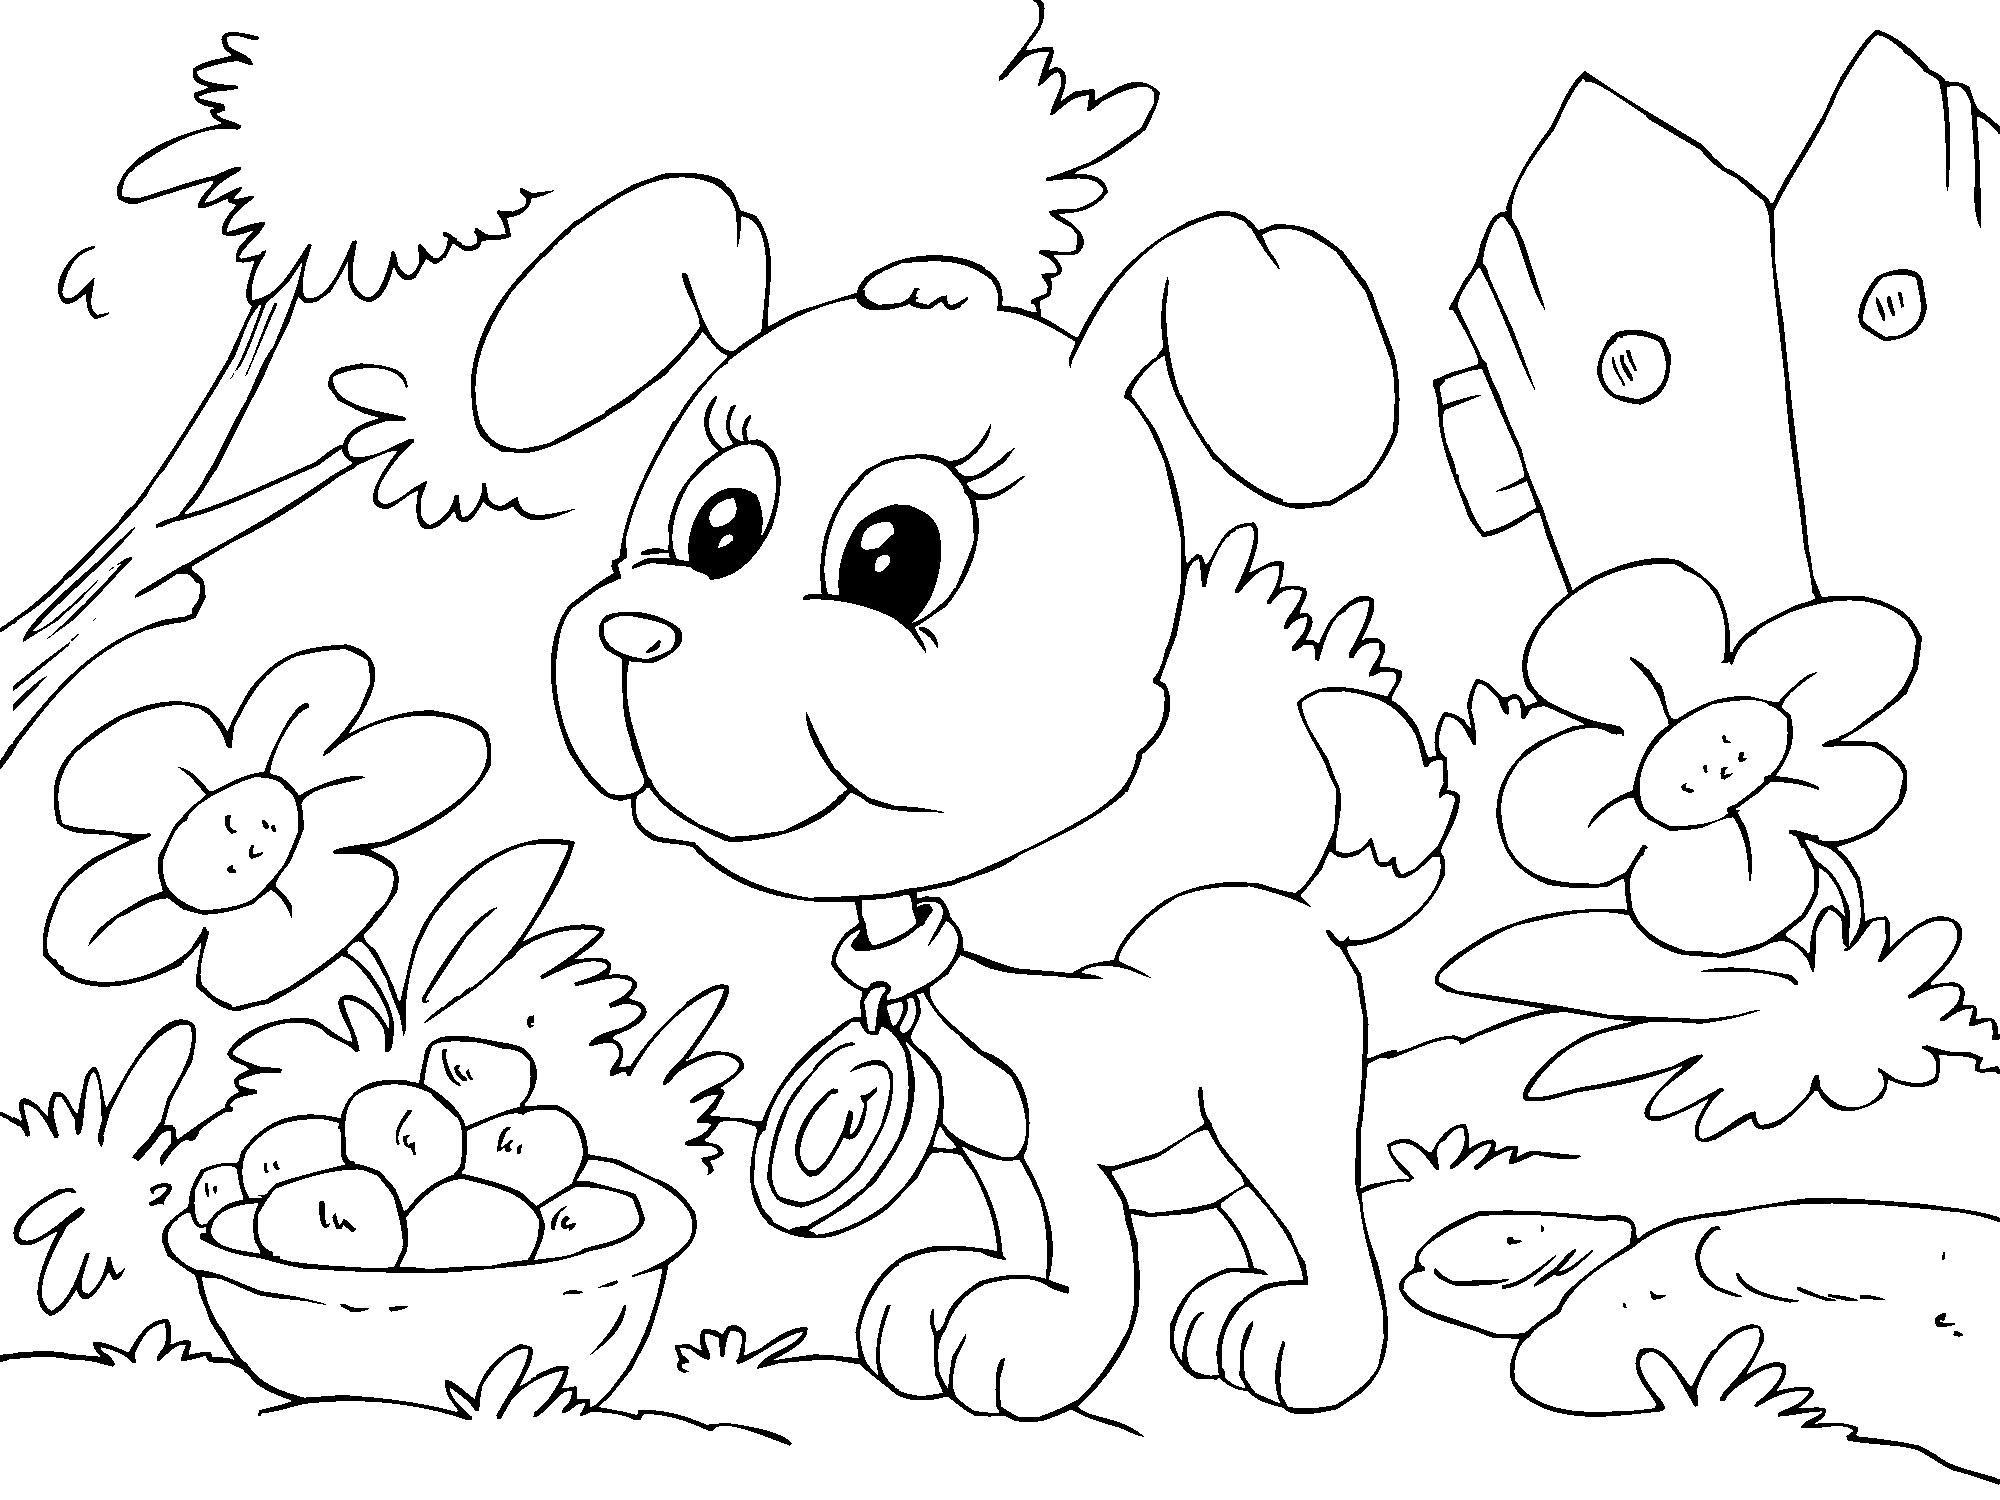 Kleurplaten Dieren Puppies.Kleurplaat Puppy Hondje